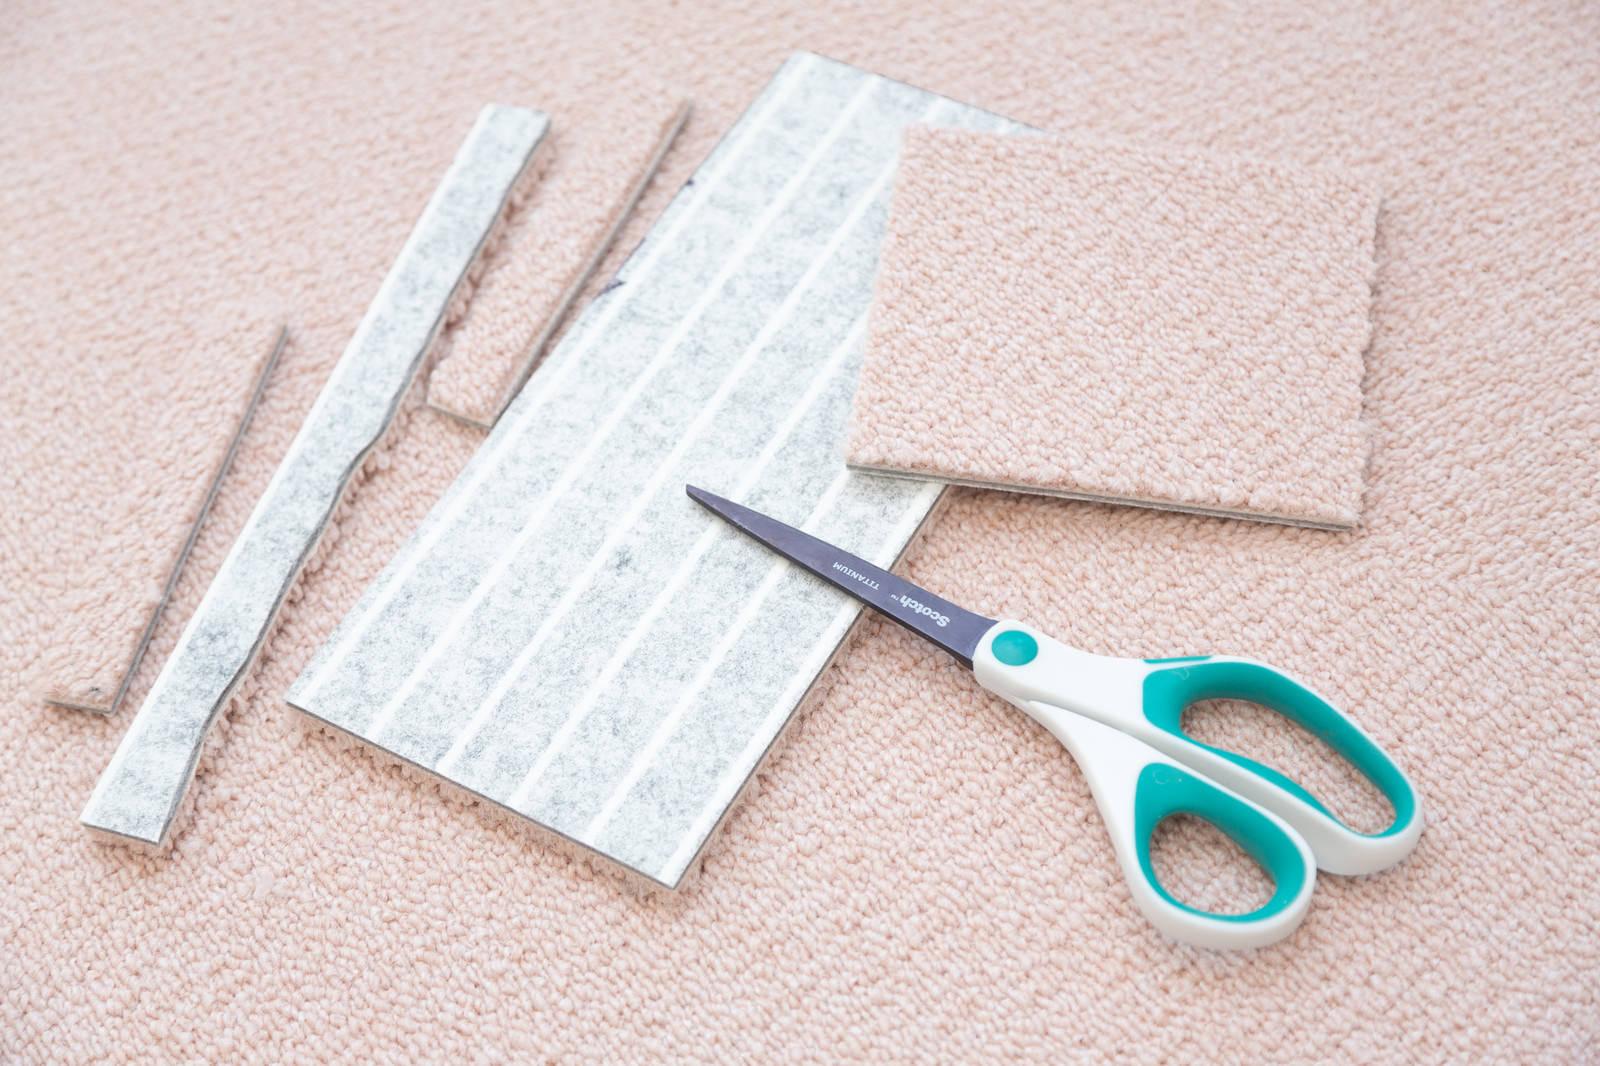 「細かくカットされたタイルカーペットとはさみ   写真の無料素材・フリー素材 - ぱくたそ」の写真